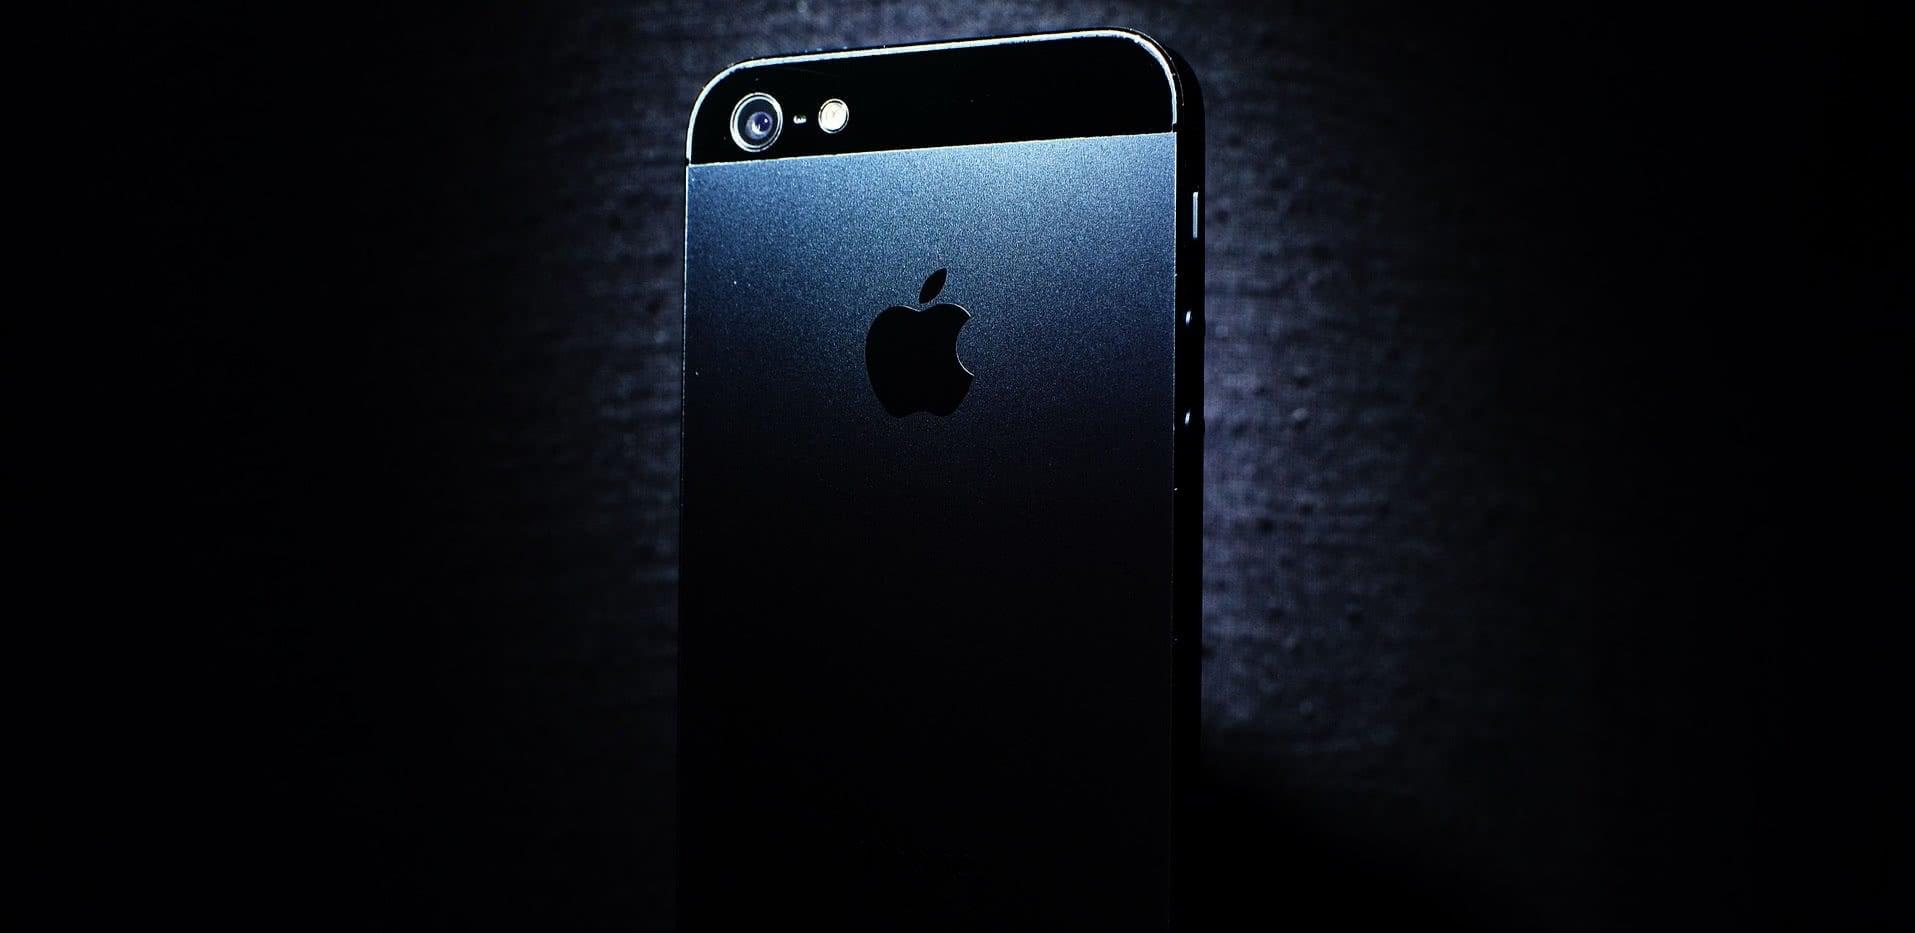 iPhone Gerüchteküche und verworfene Design-Konzepte